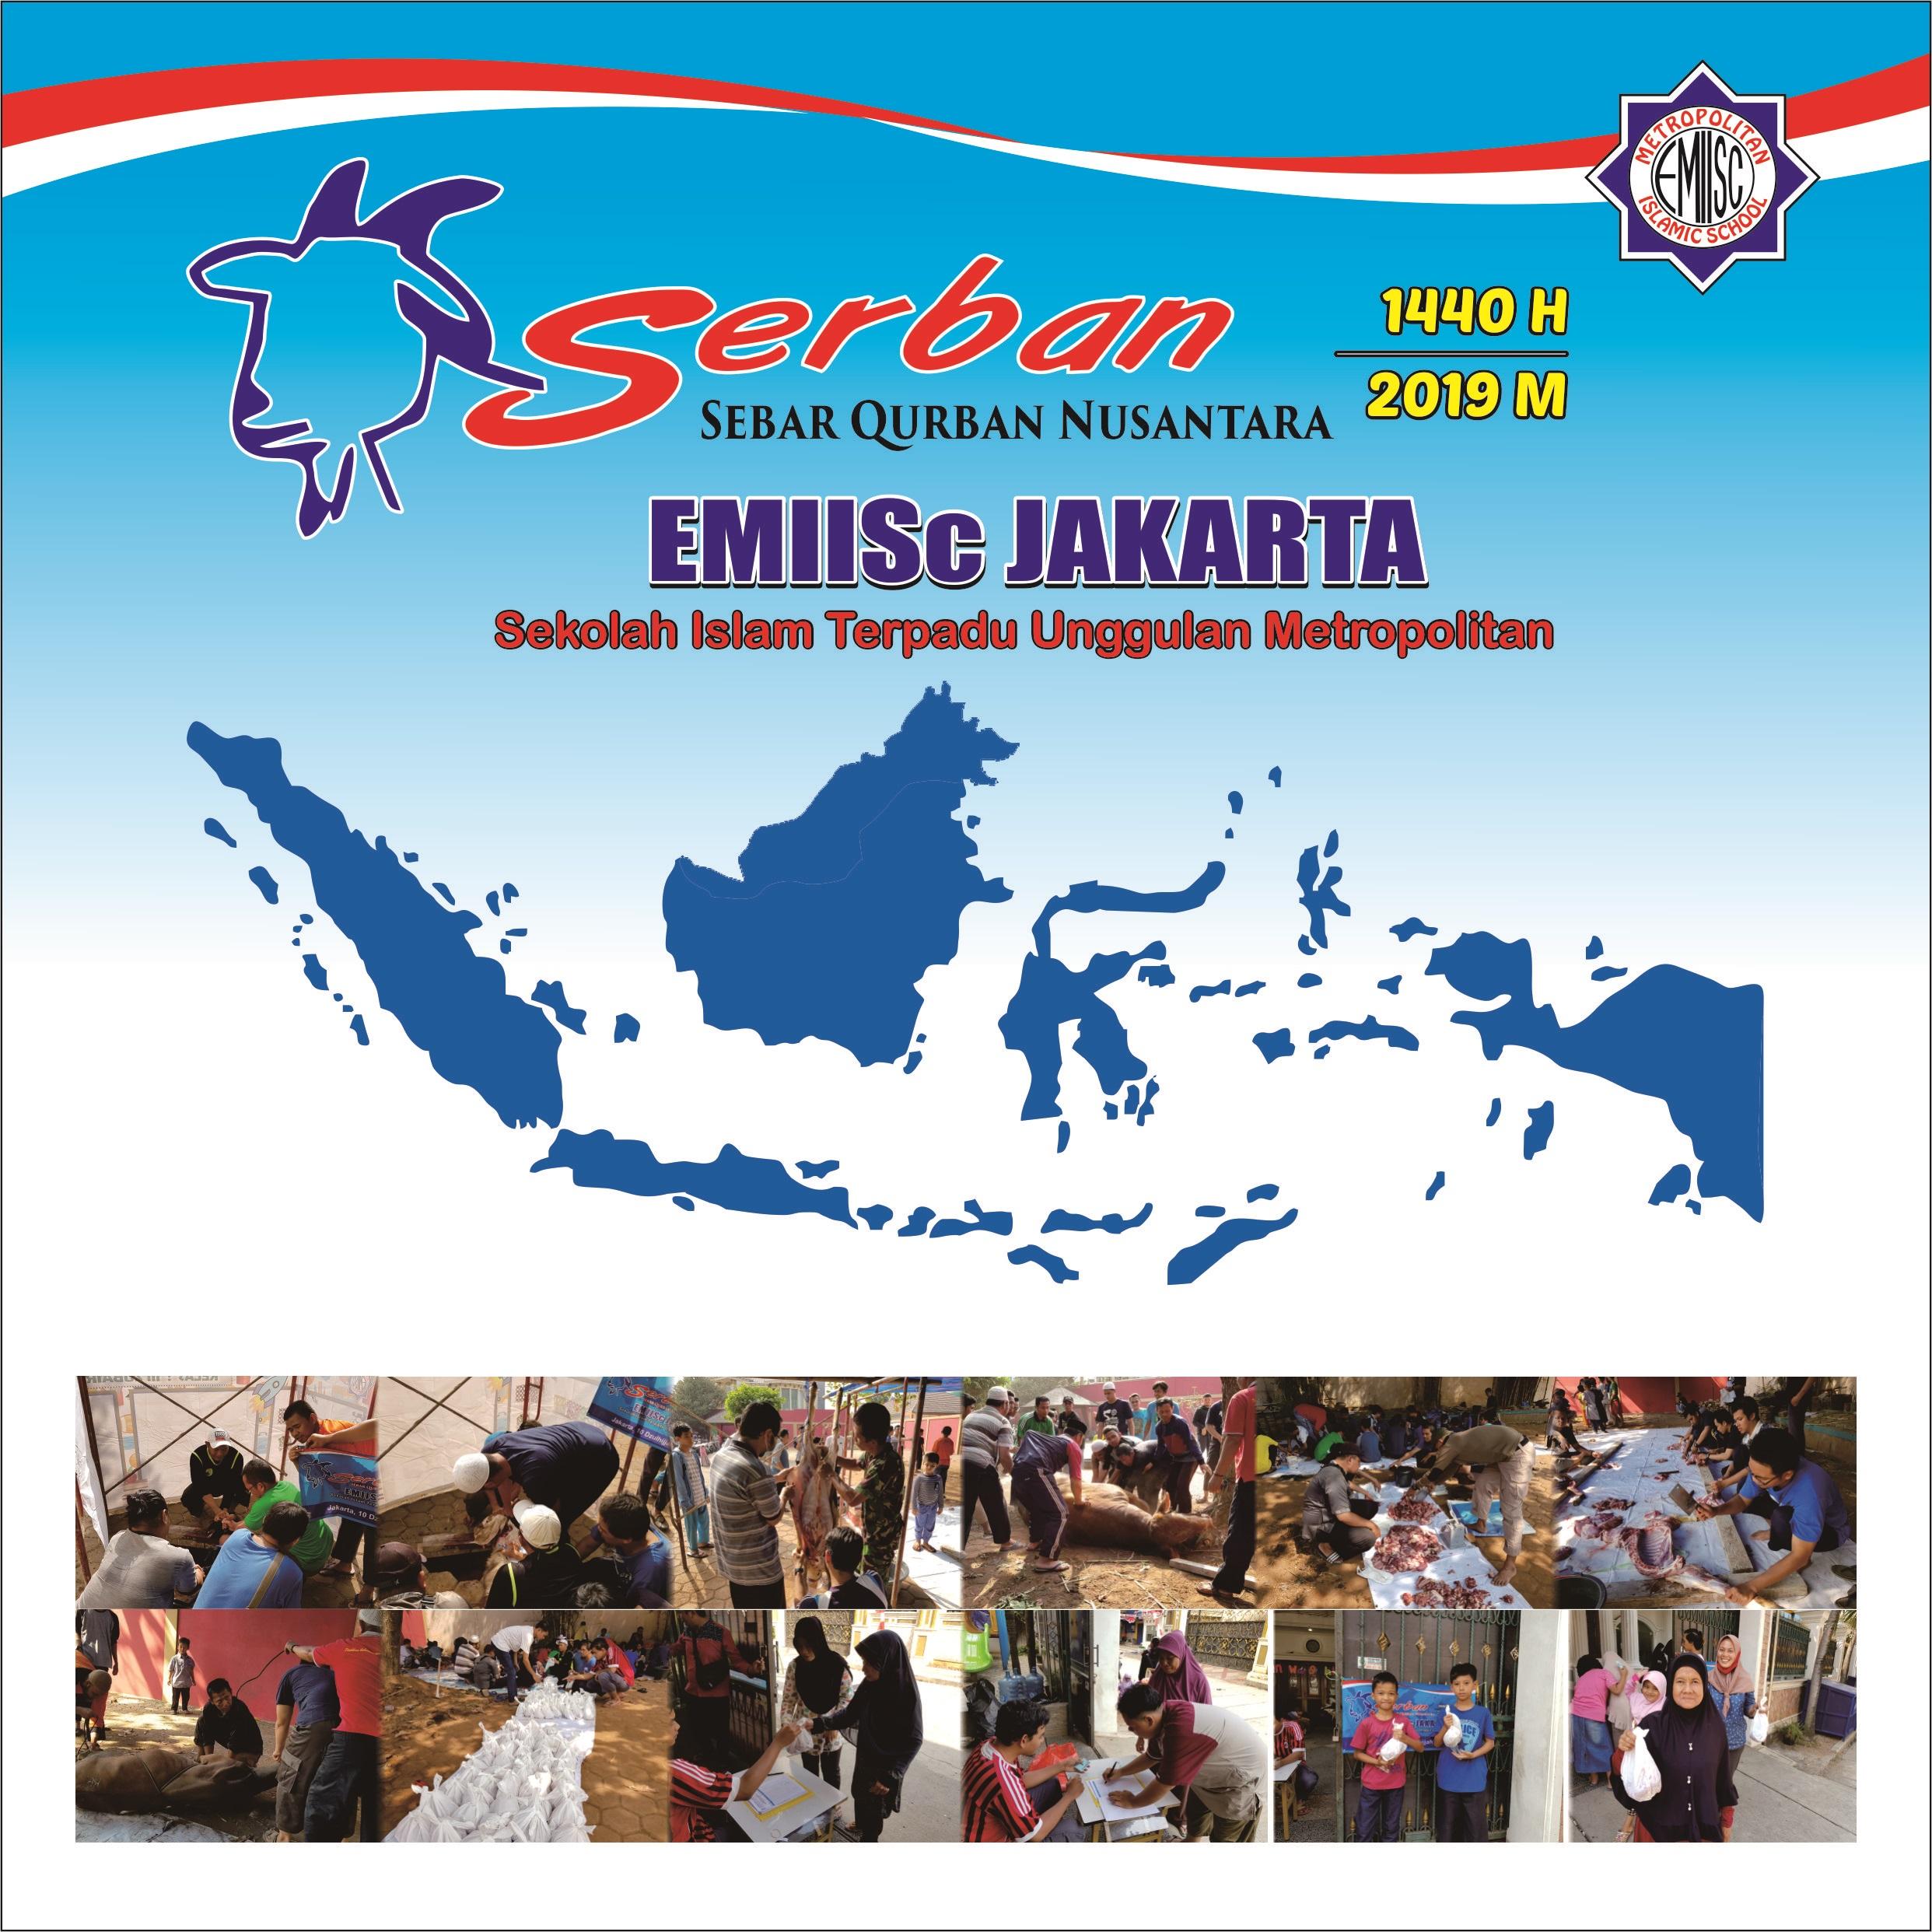 Sebar Qurban Nusantara 1440 H